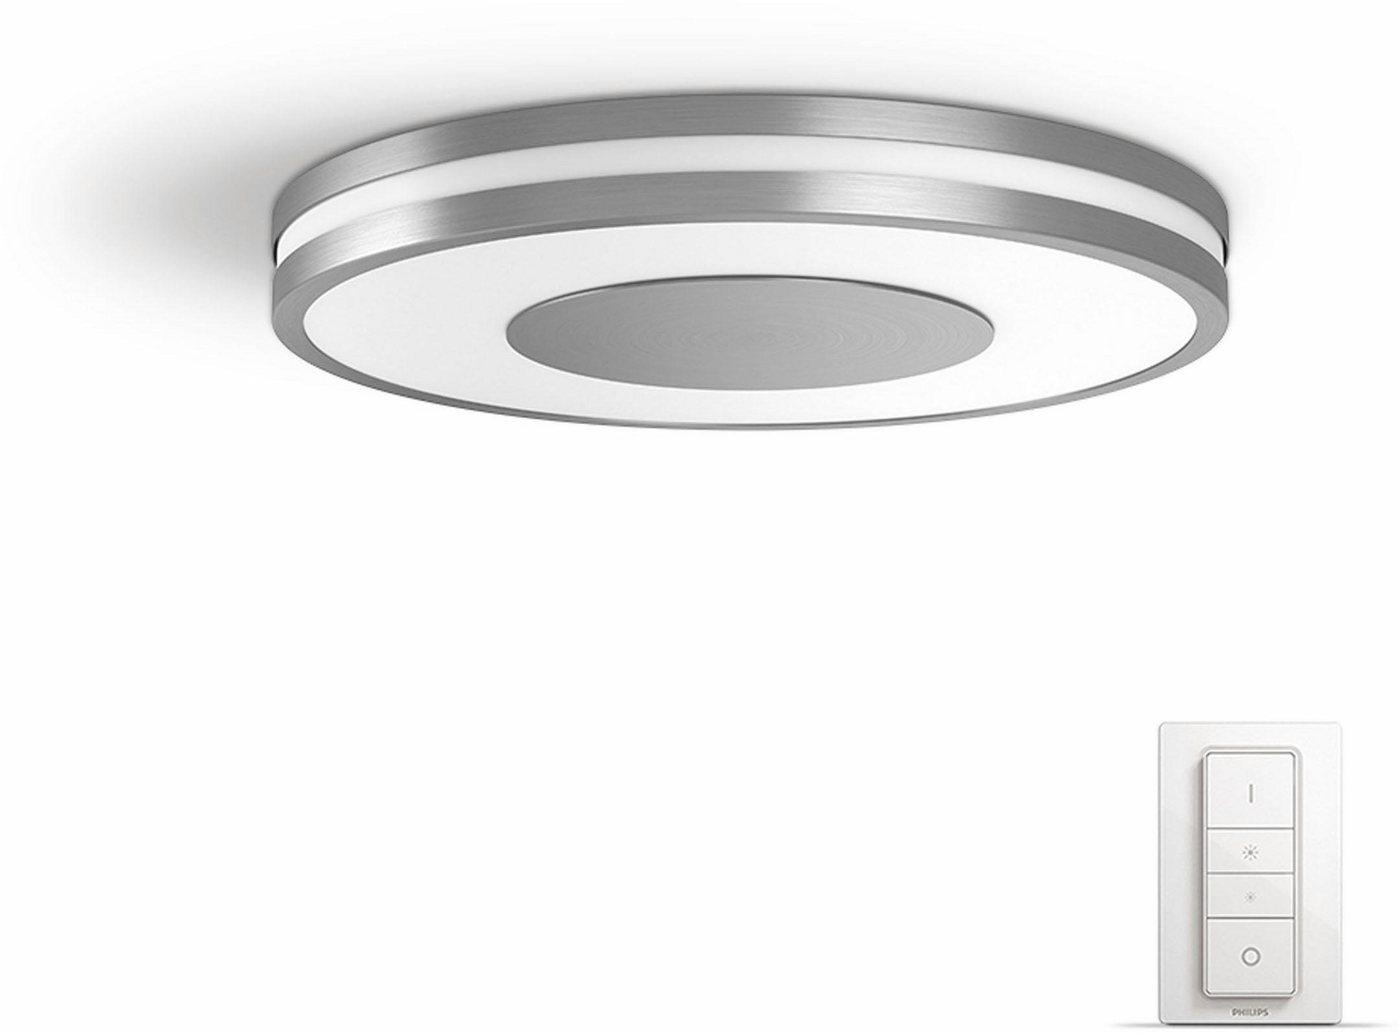 """LED Deckenleuchte """"Being"""", Energieeffizienzklasse: A+, Philips Hue"""